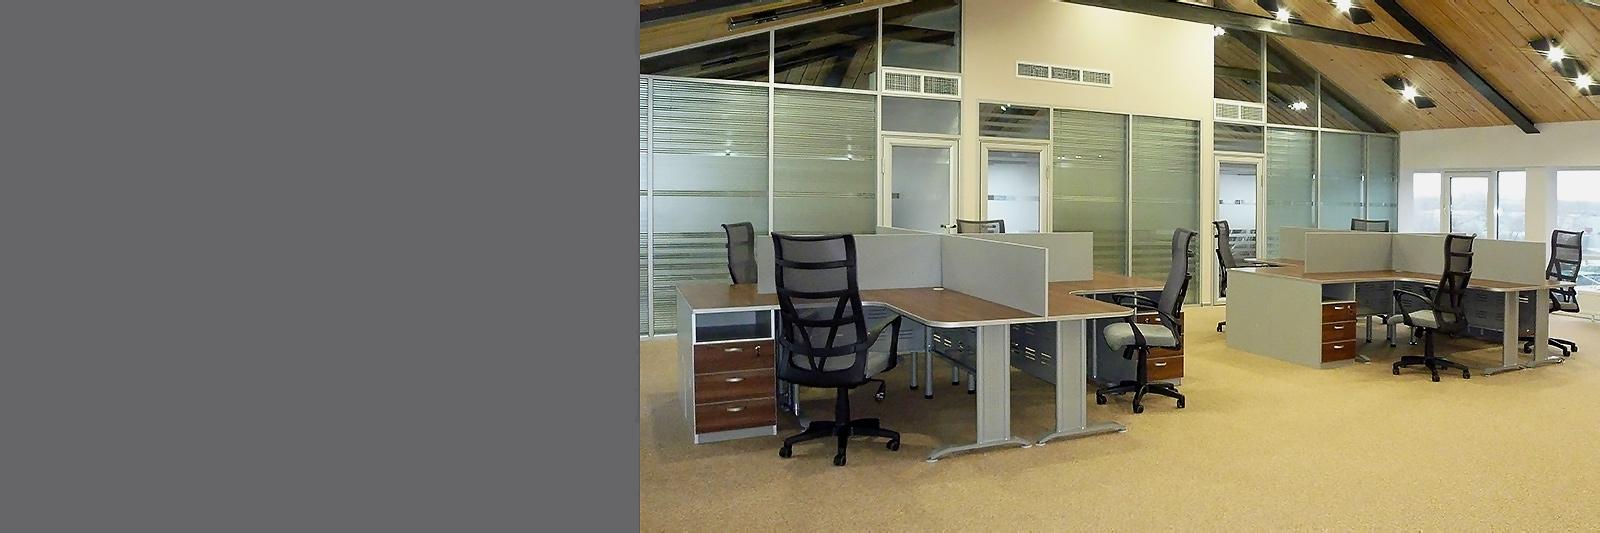 Офисные столы на металлокаркасе на заказ в open-space